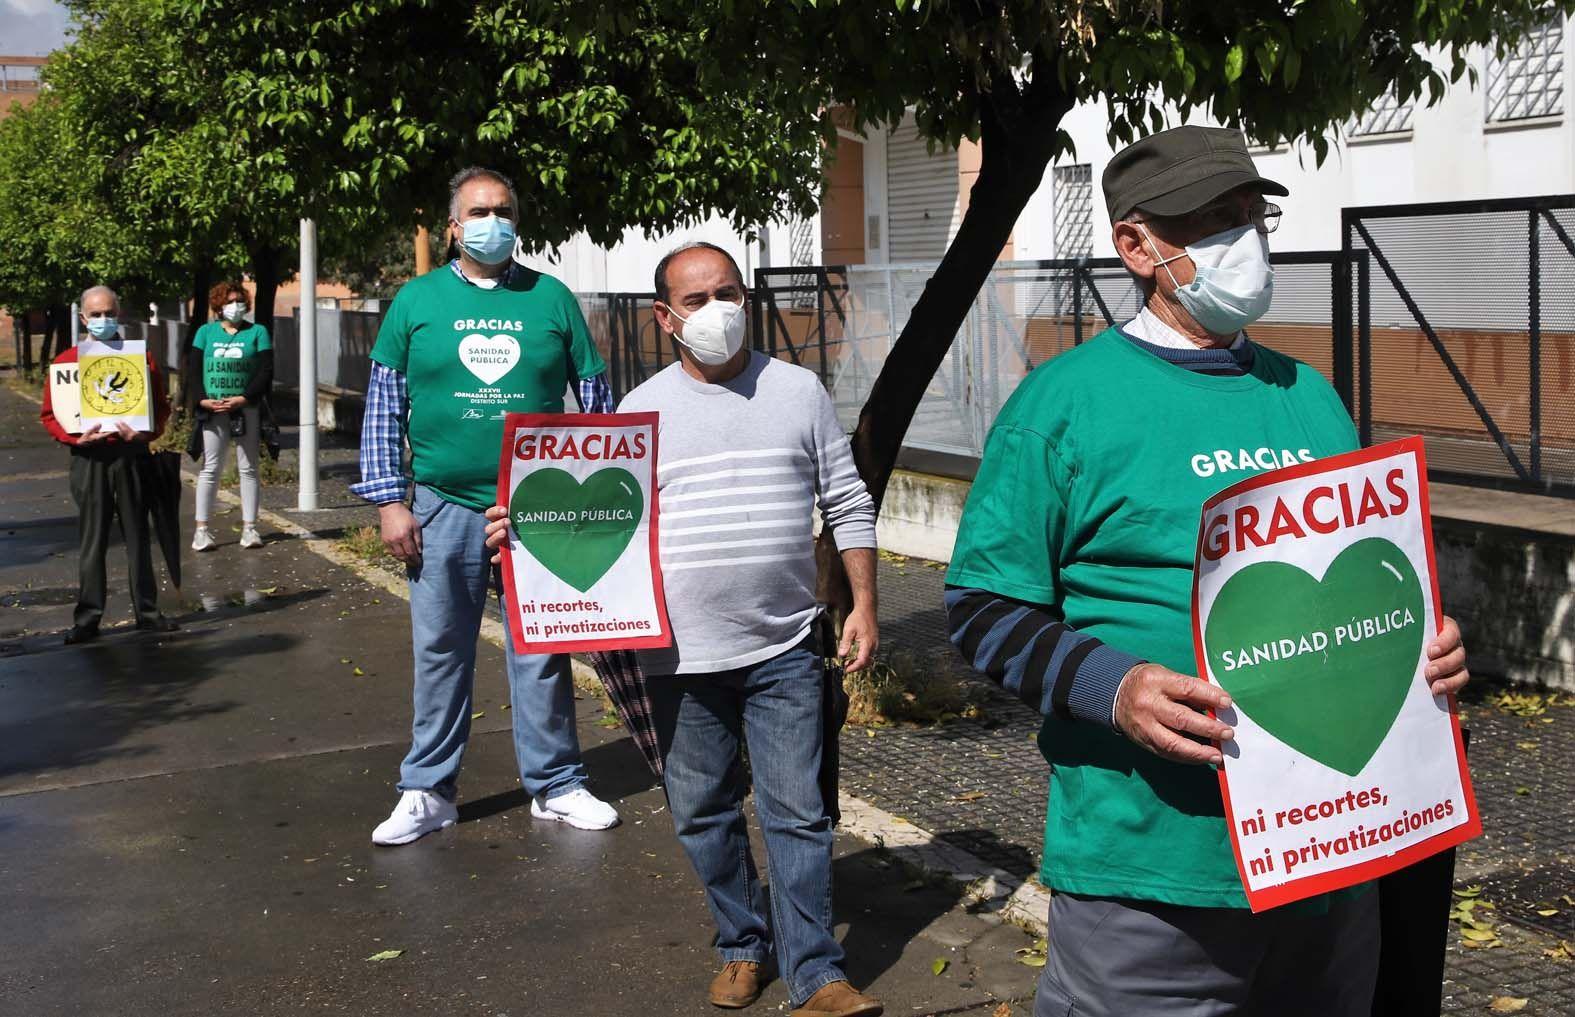 Marcha por la sanidad pública